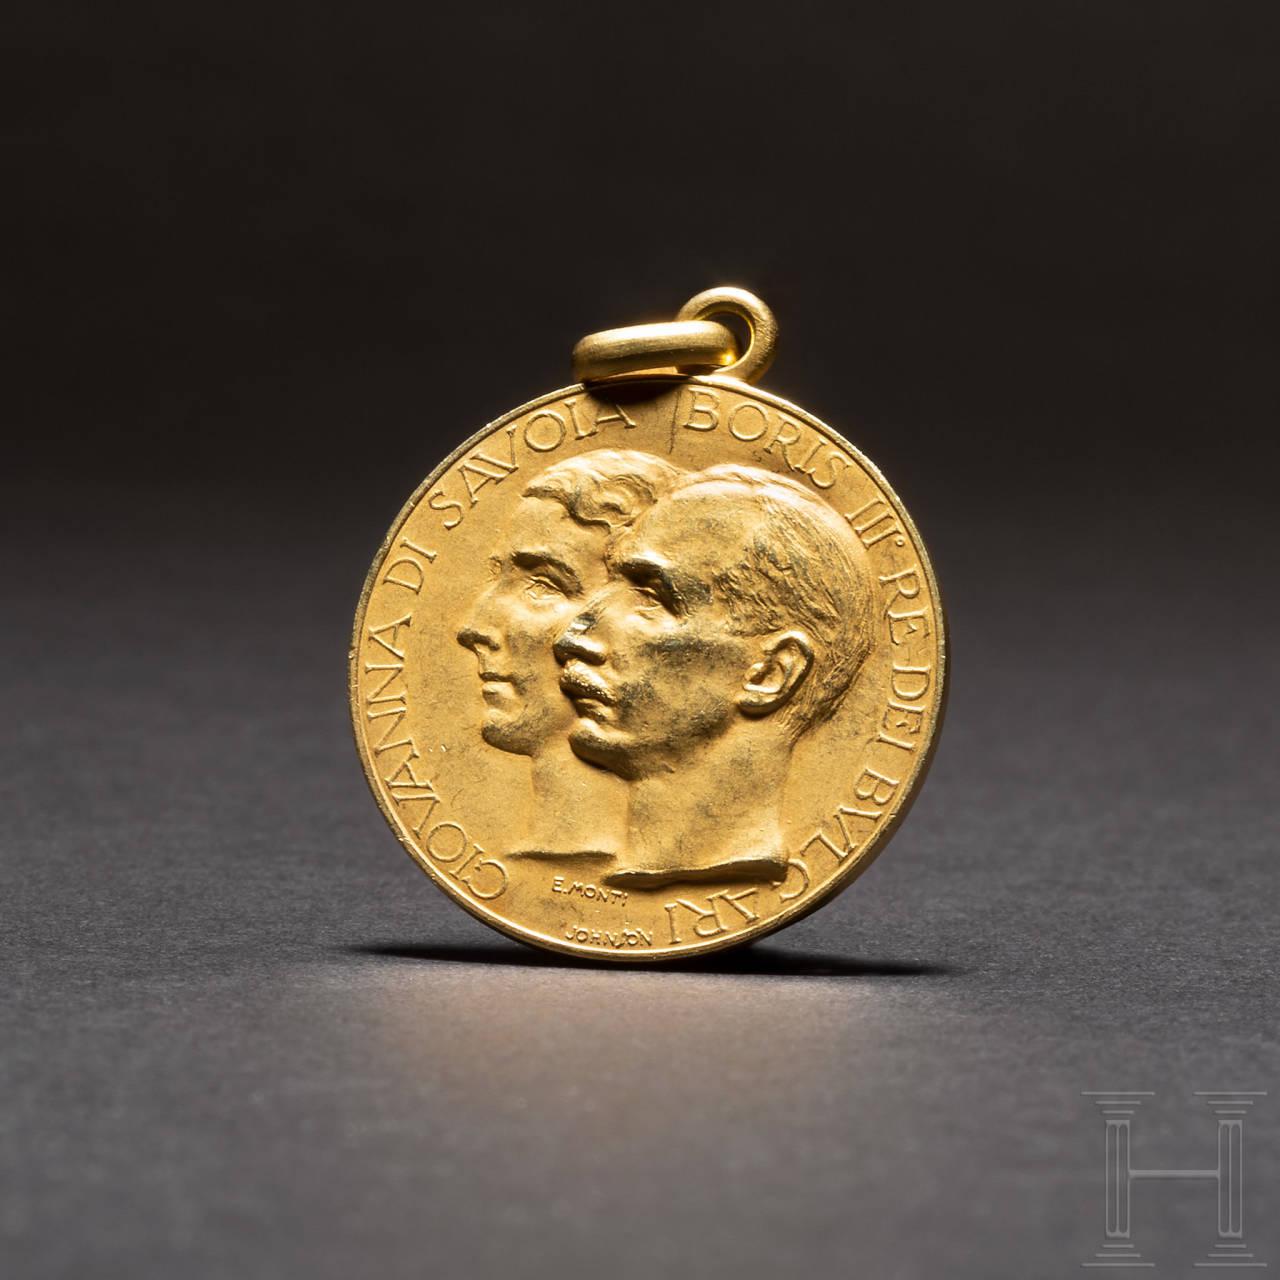 Goldene Medaille zur Erinnerung an die Hochzeit von Prinzessin Giovanna mit Zar Boris III. von Bulgarien, 1930 in Assisi